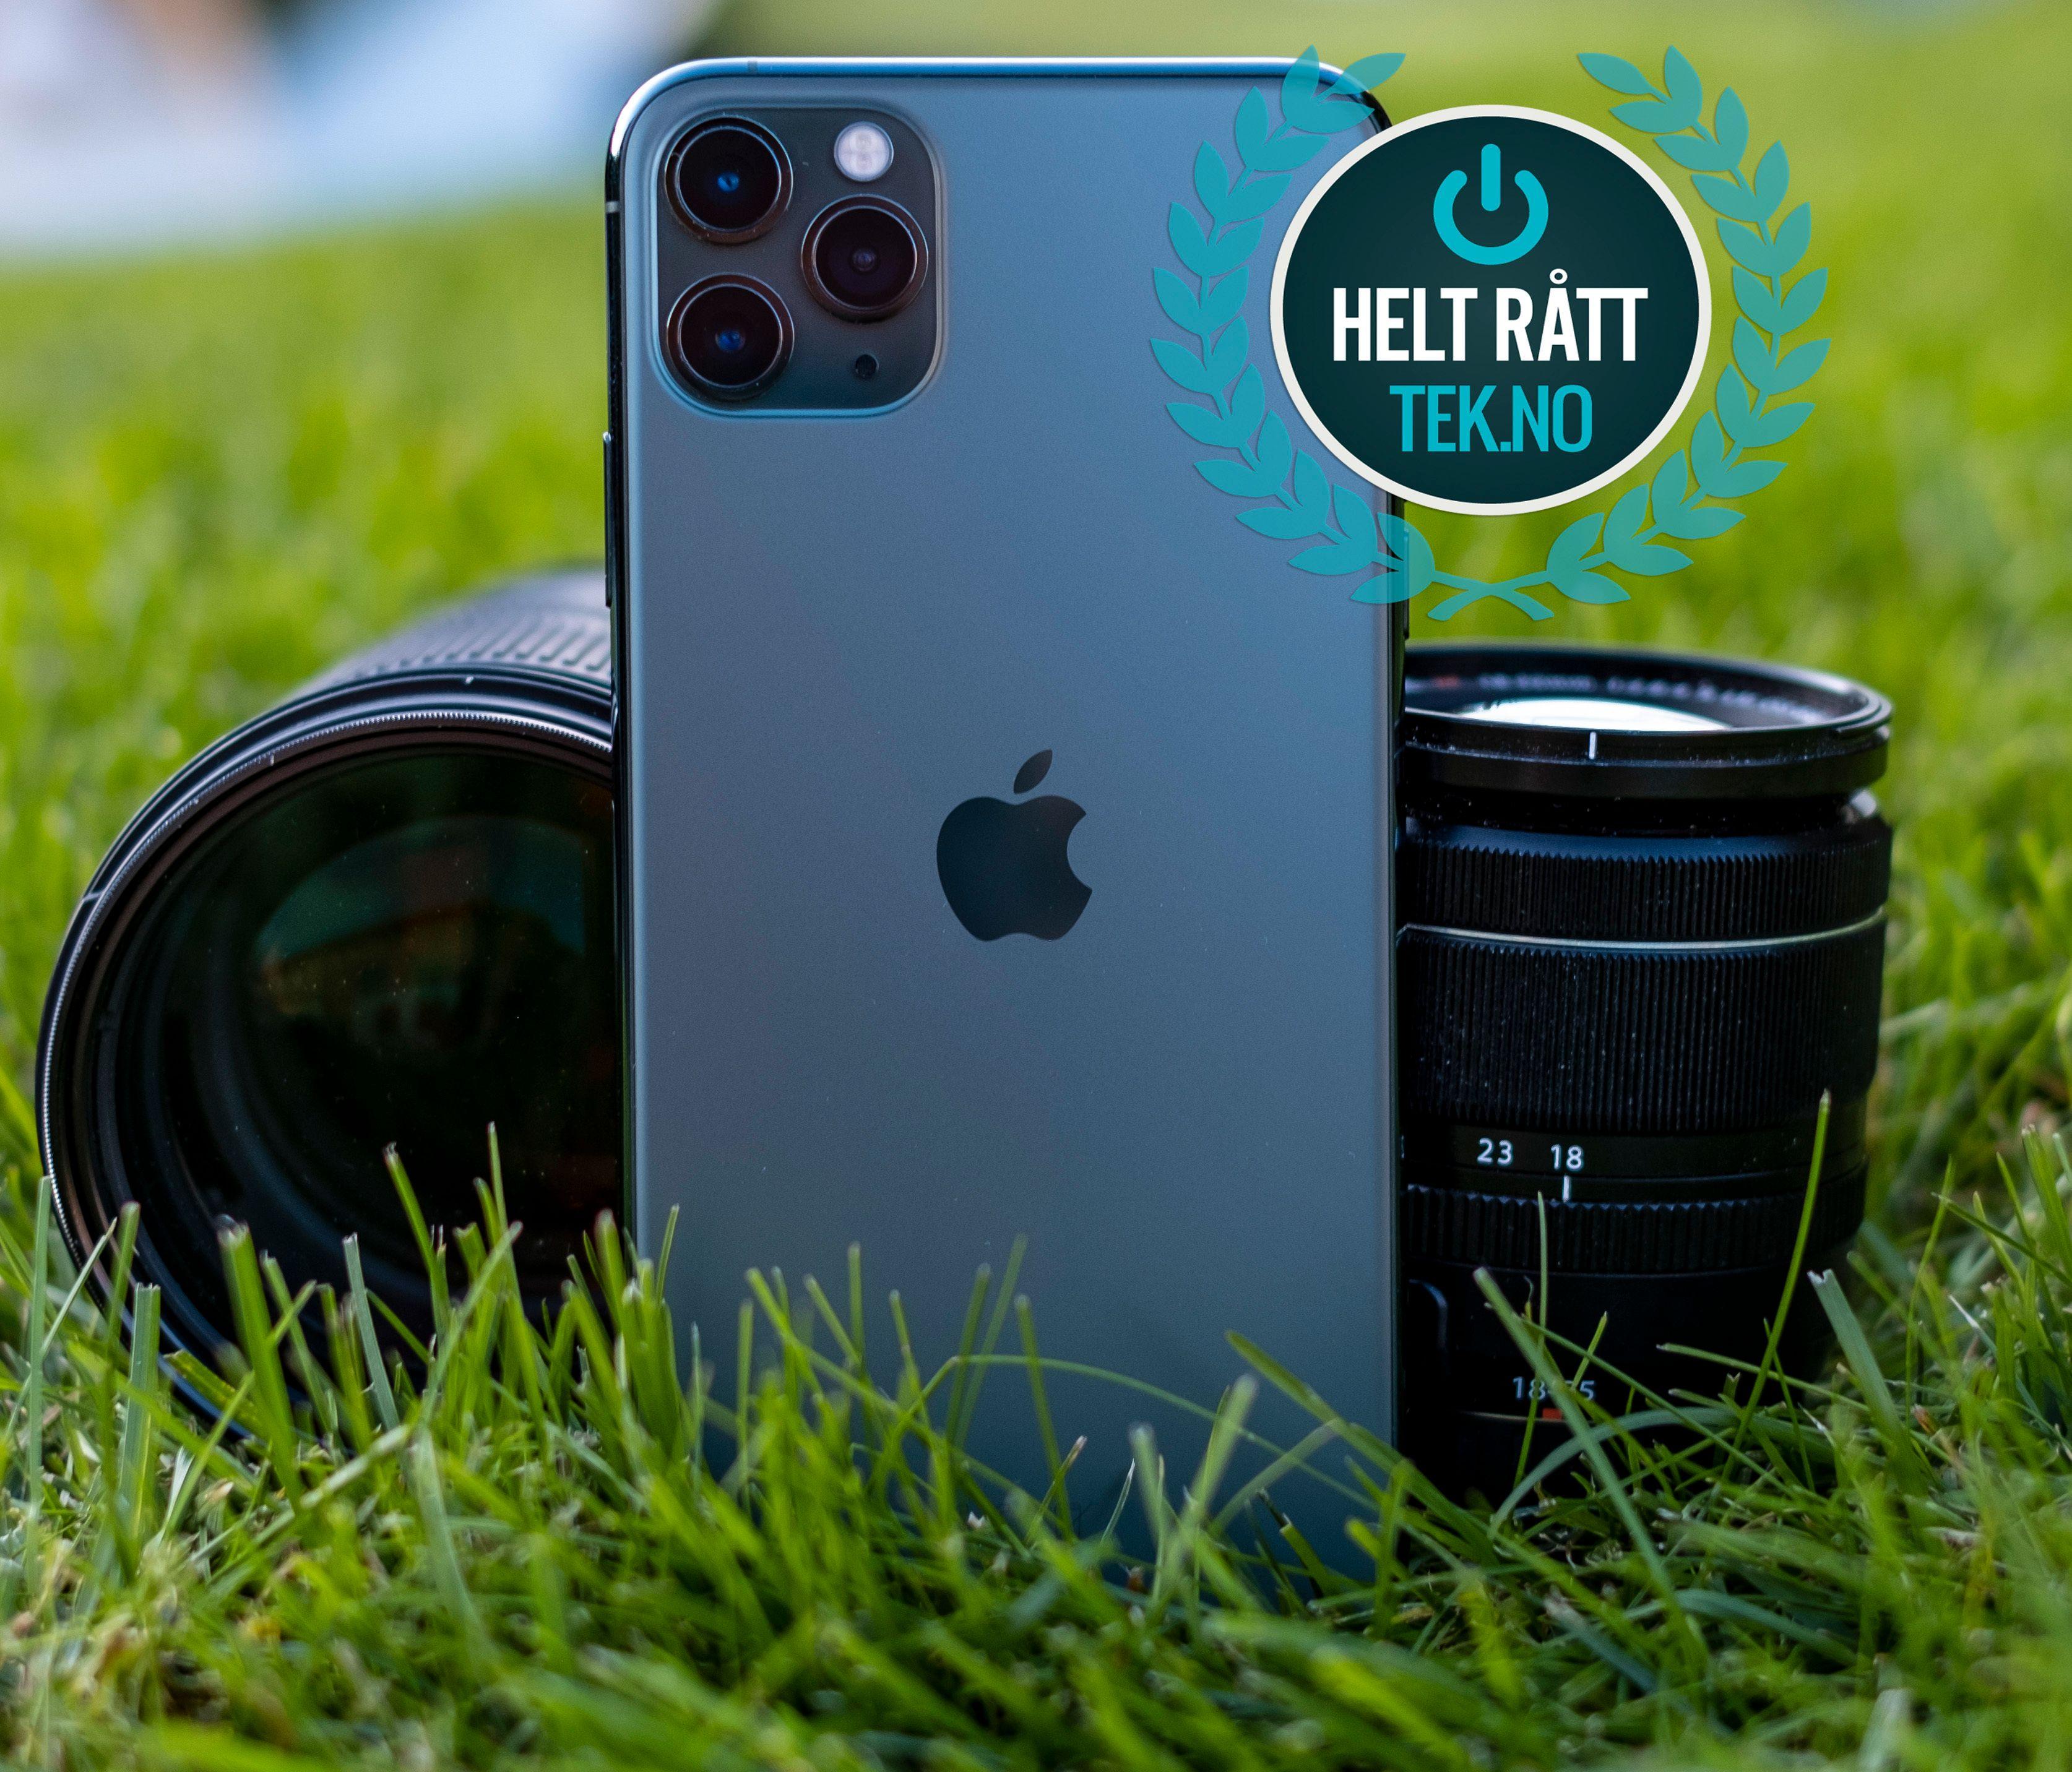 Ps! Fordi prisen på iPhone 11 Pro-modellene er så høy tildeler vi «helt rått»-utmerkelse fremfor vårt vanlige «anbefalt»-stempel. Her betaler du svært mye for «stjerna på panseret», men stort bedre enn iPhone 11 Pro blir det likevel ikke.